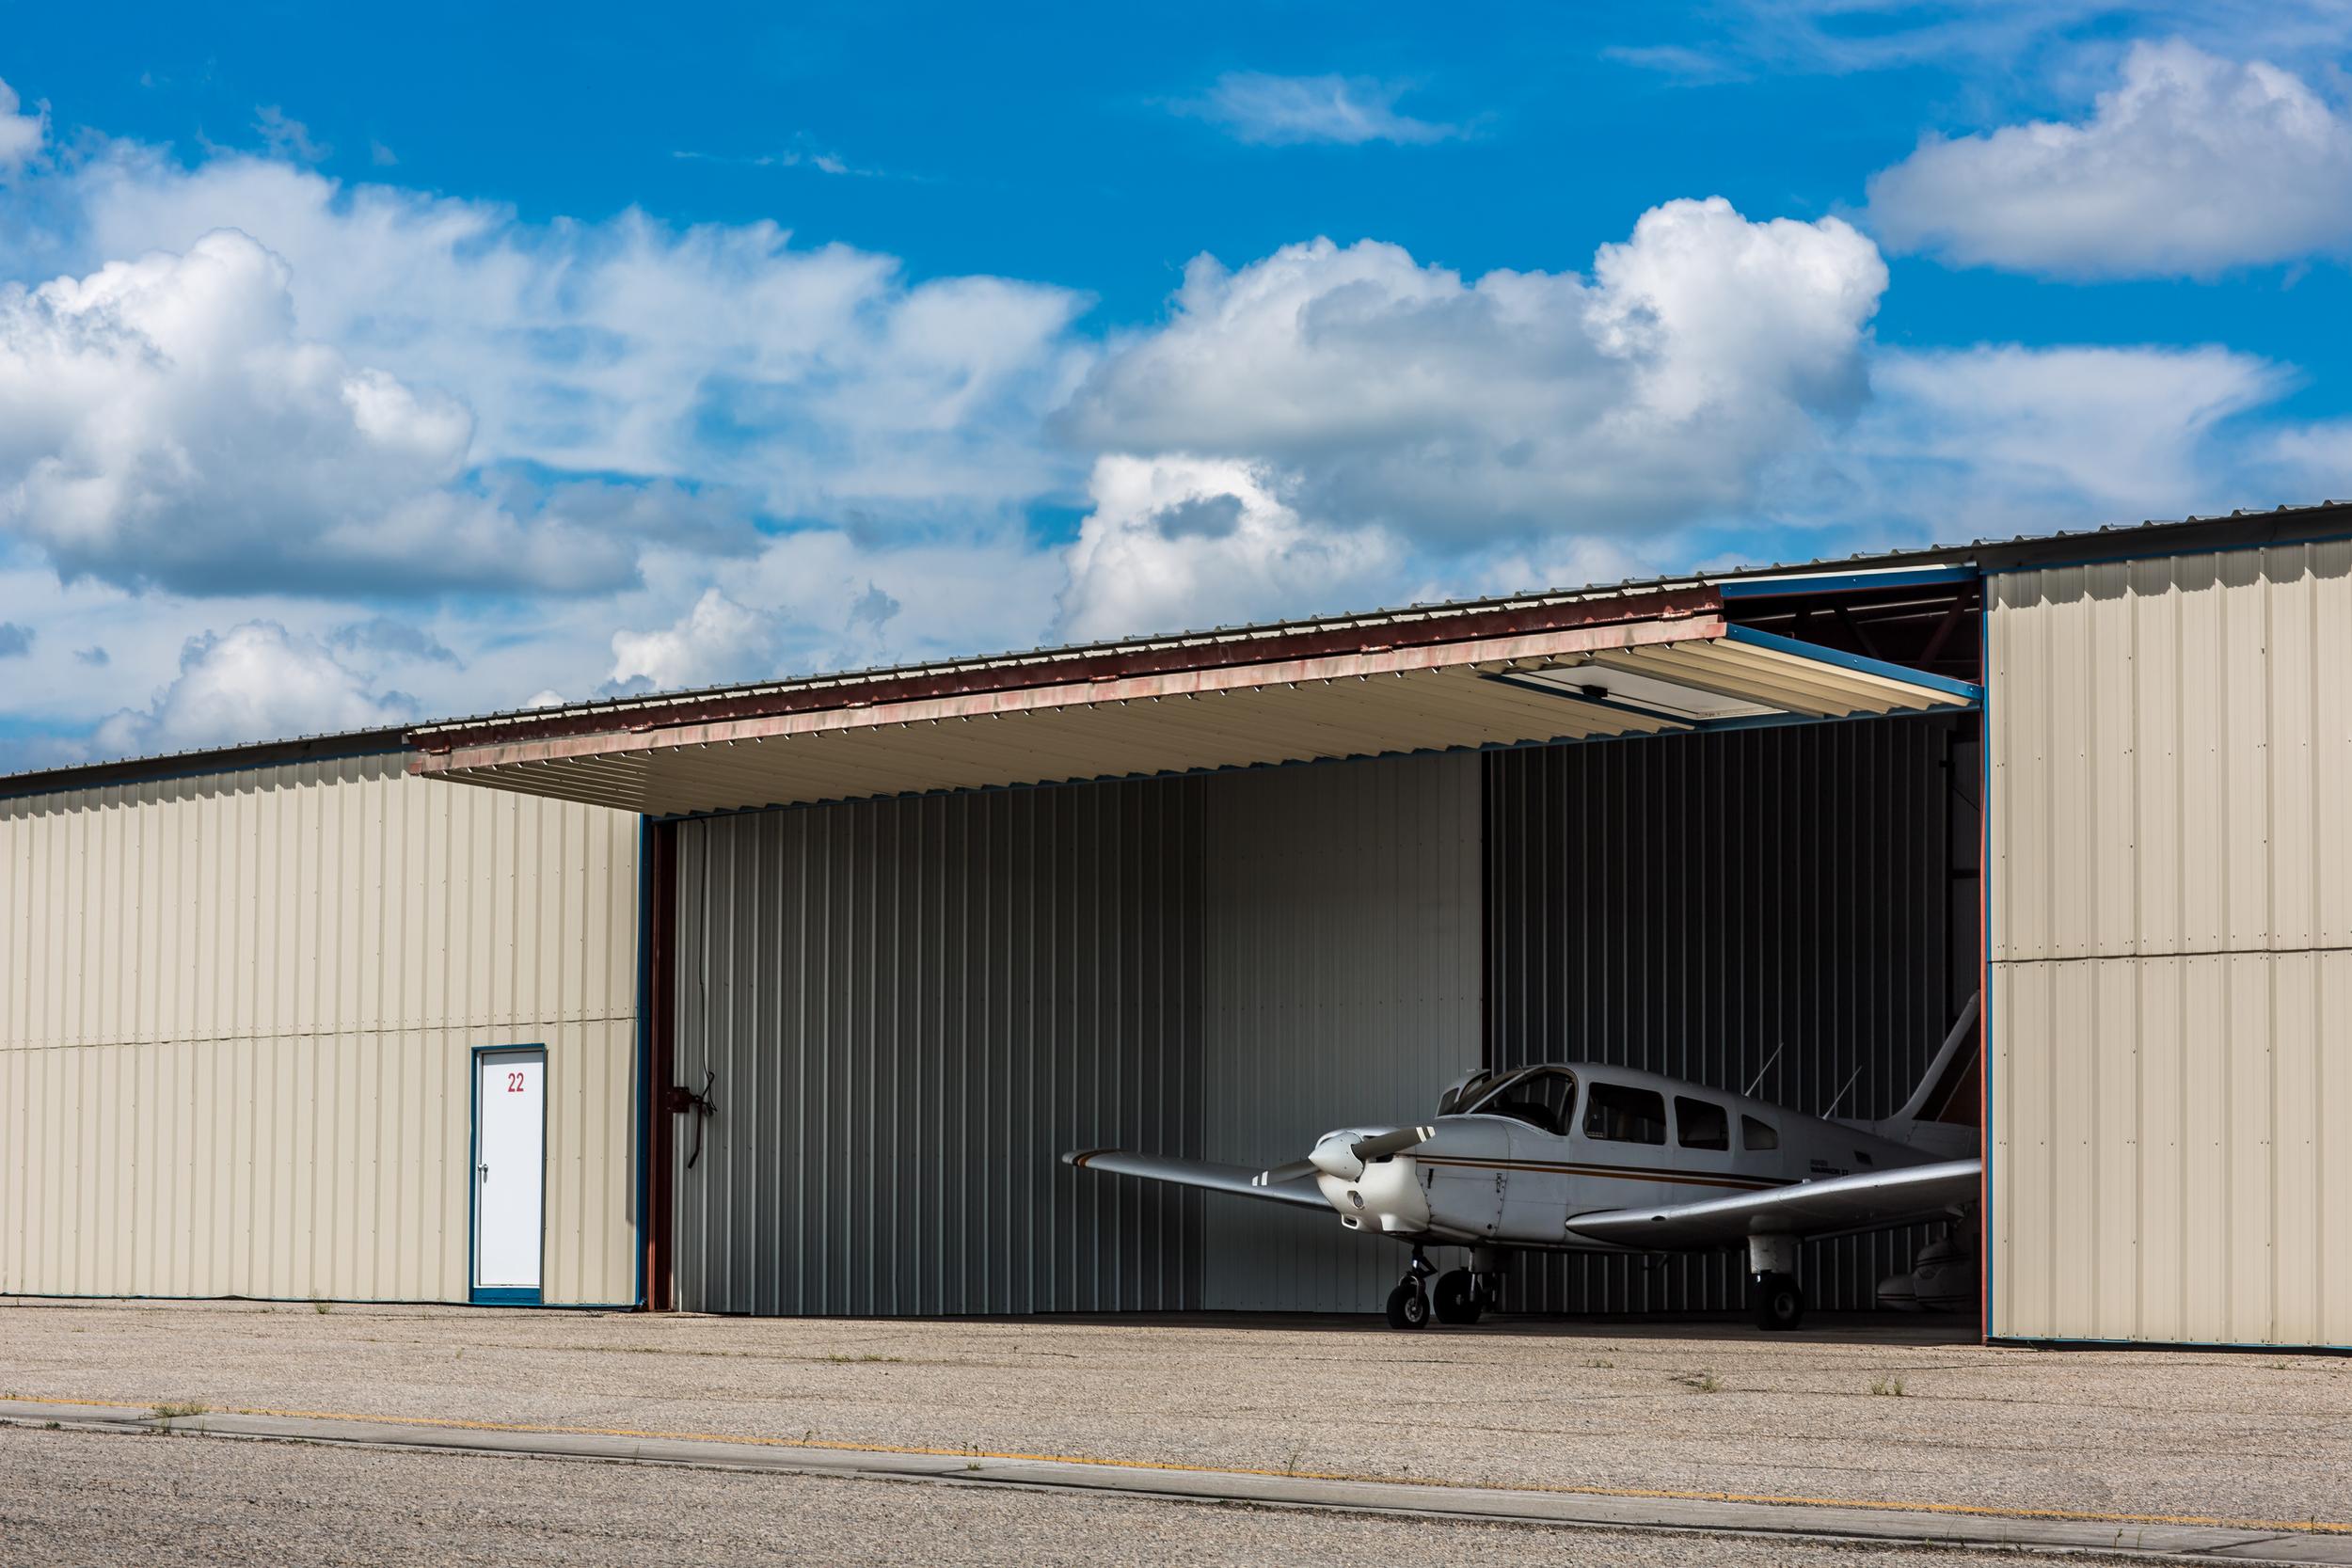 flying-9008.jpg